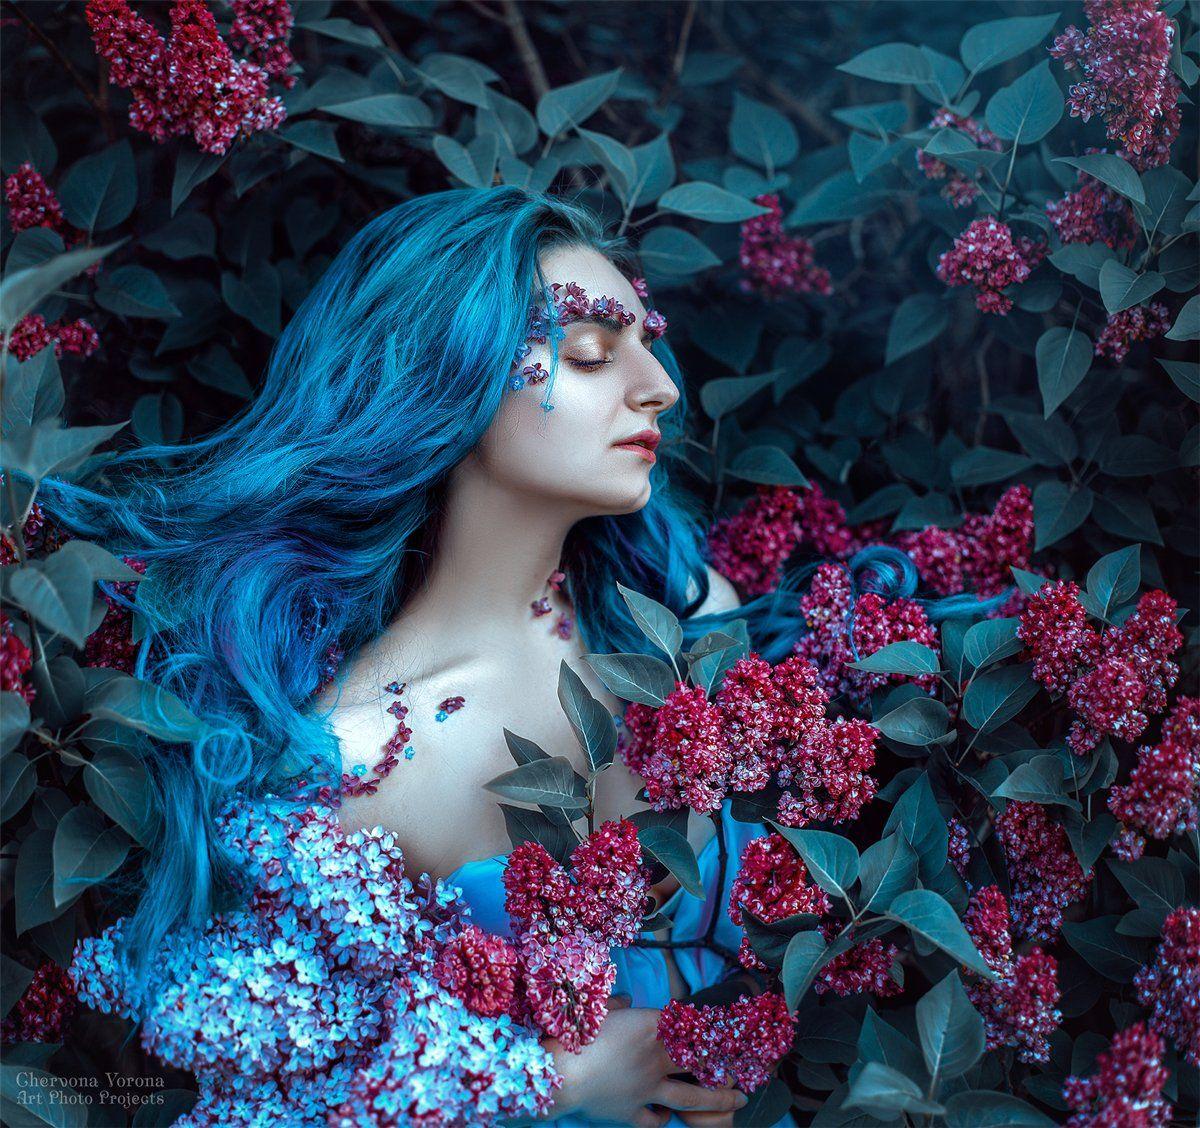 сирень, портет, цветы, голубые волосы, Червона Ворона